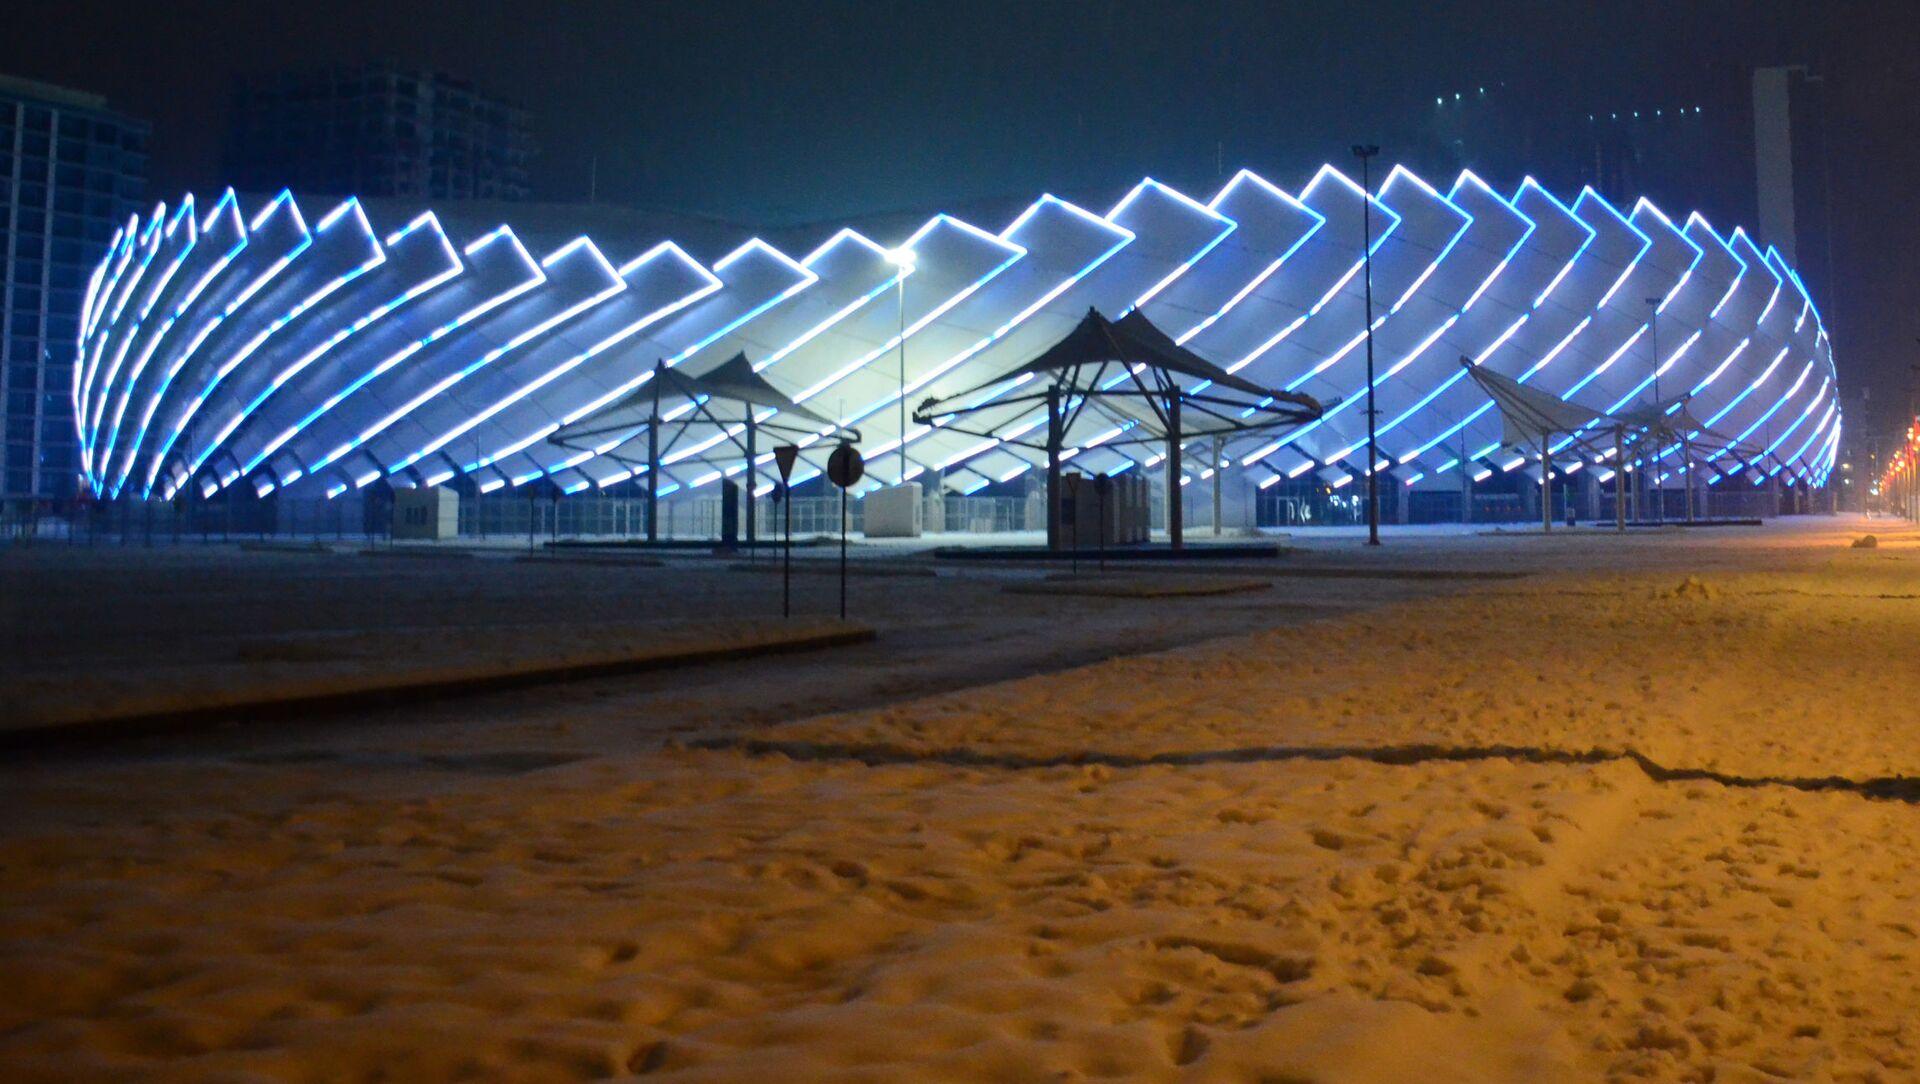 Батуми в снегу зимой - новый олимпийский Батумский стадион - Sputnik Грузия, 1920, 10.02.2021